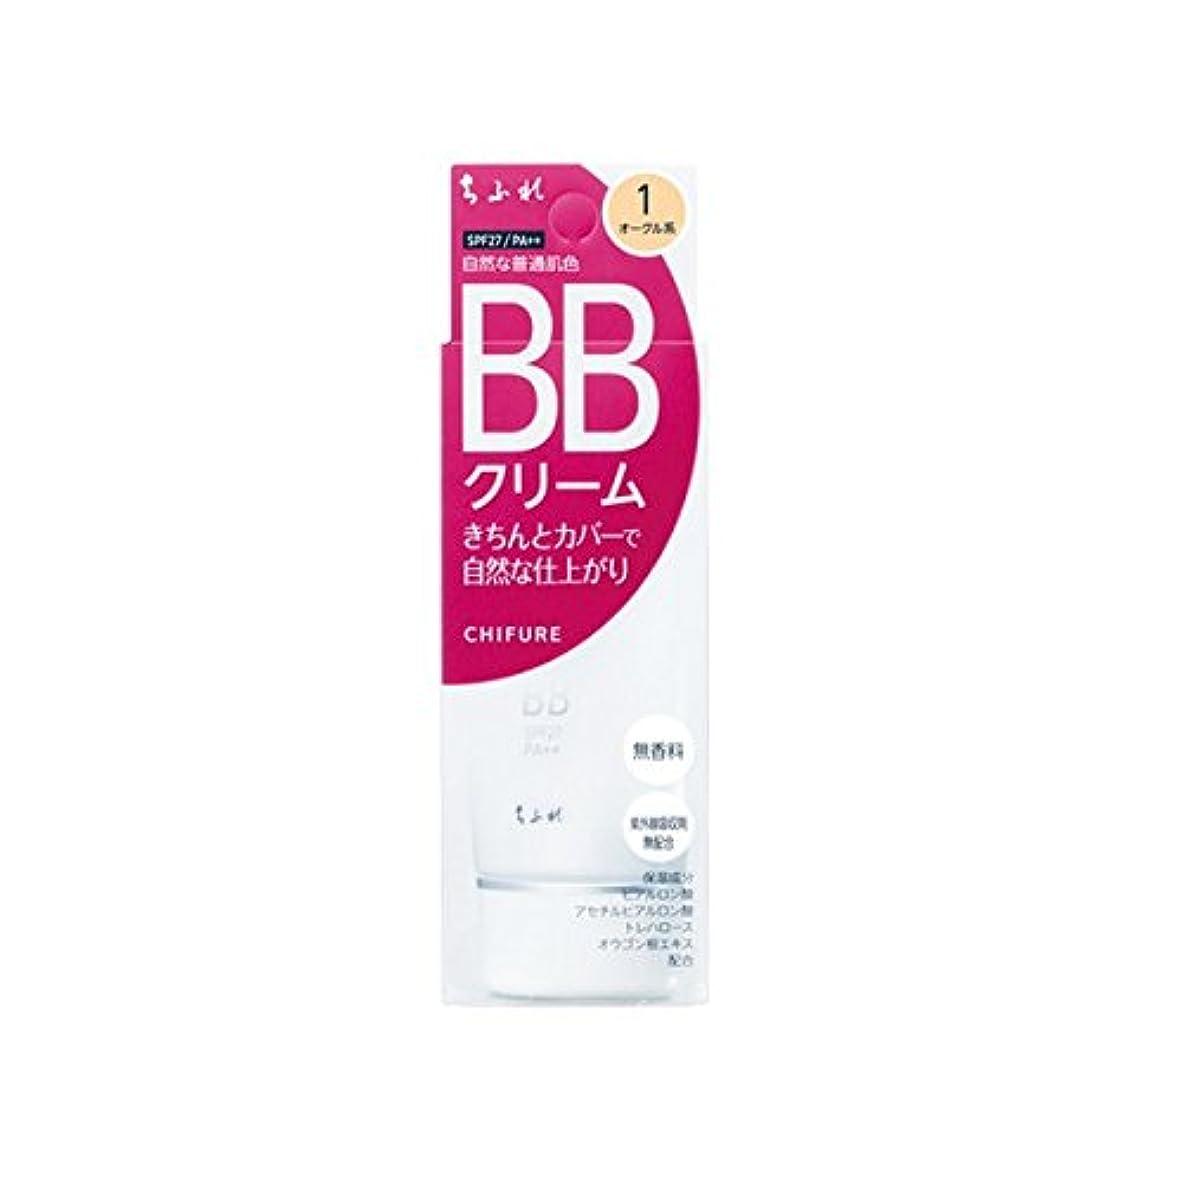 自動化ルール東部ちふれ化粧品 BB クリーム 1 自然な普通肌色 BBクリーム 1